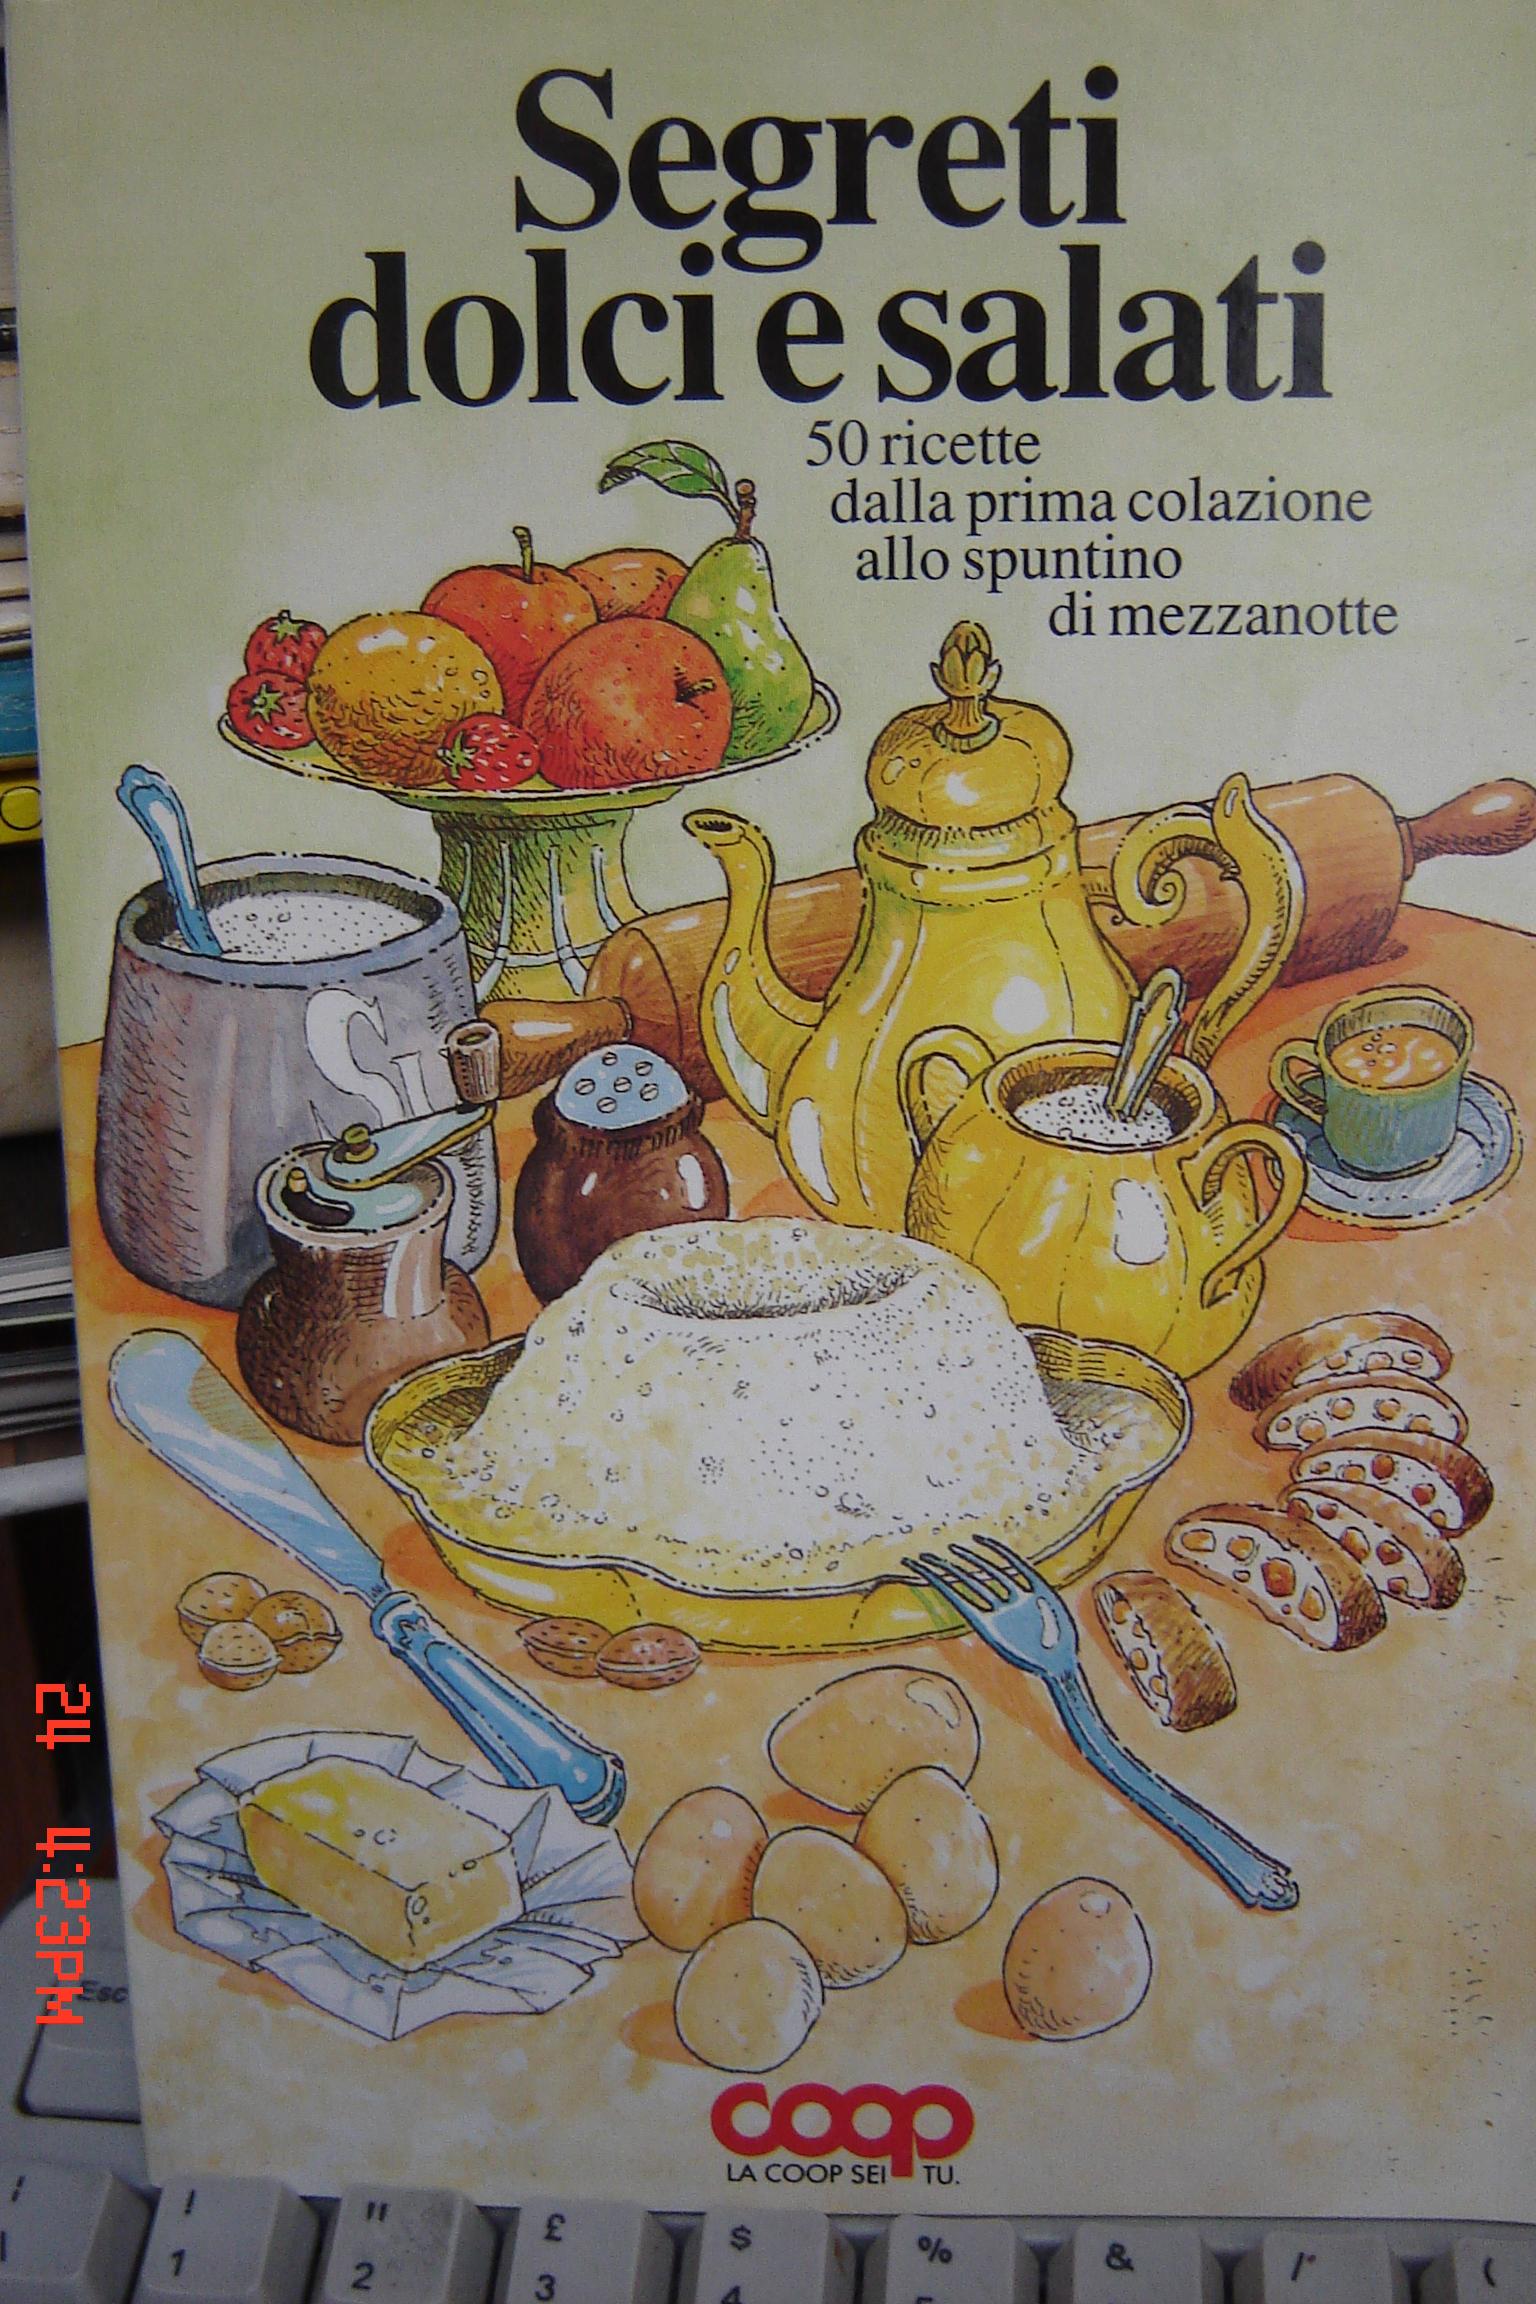 Segreti dolci e salati